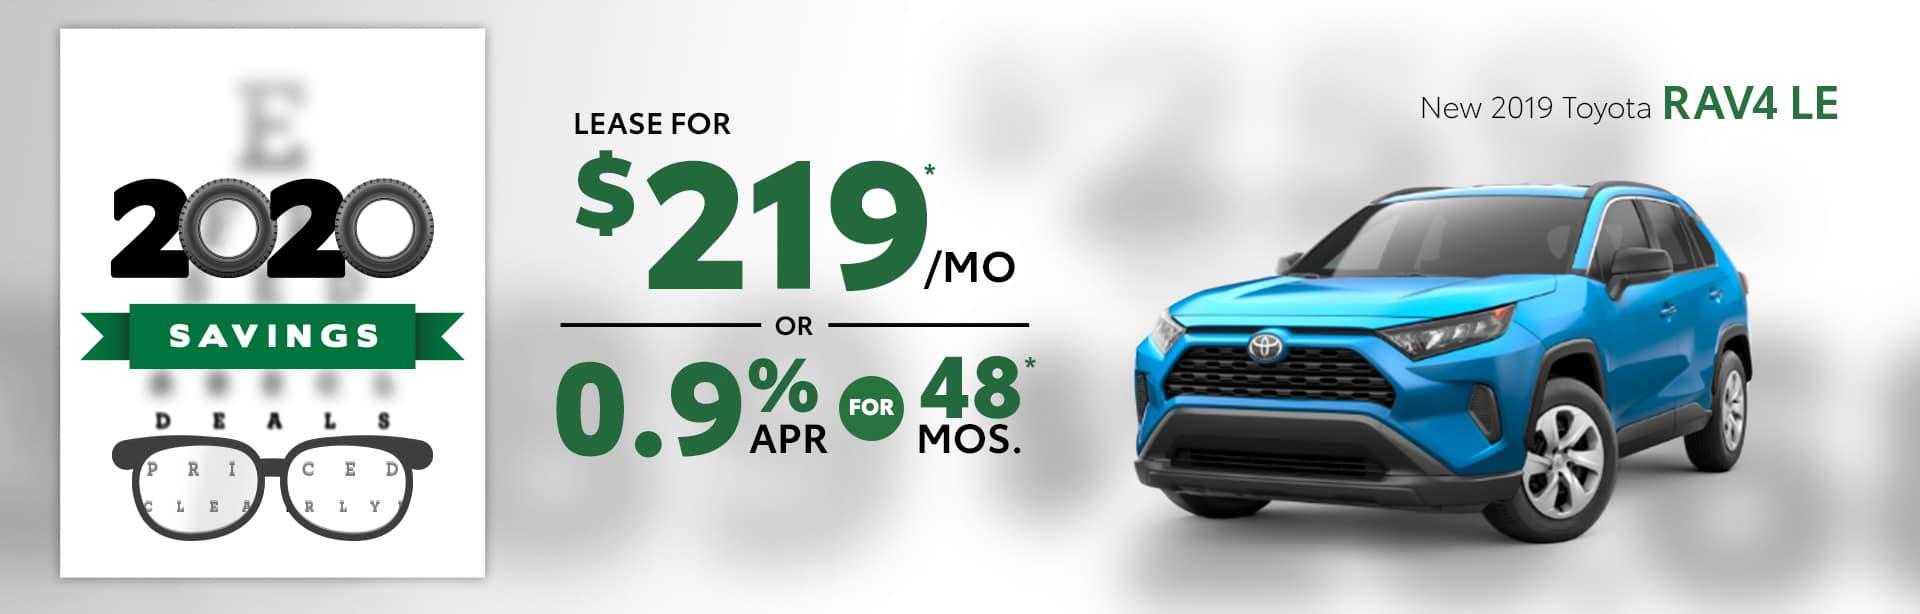 New 2019 Toyota RAV4 Albertville AL